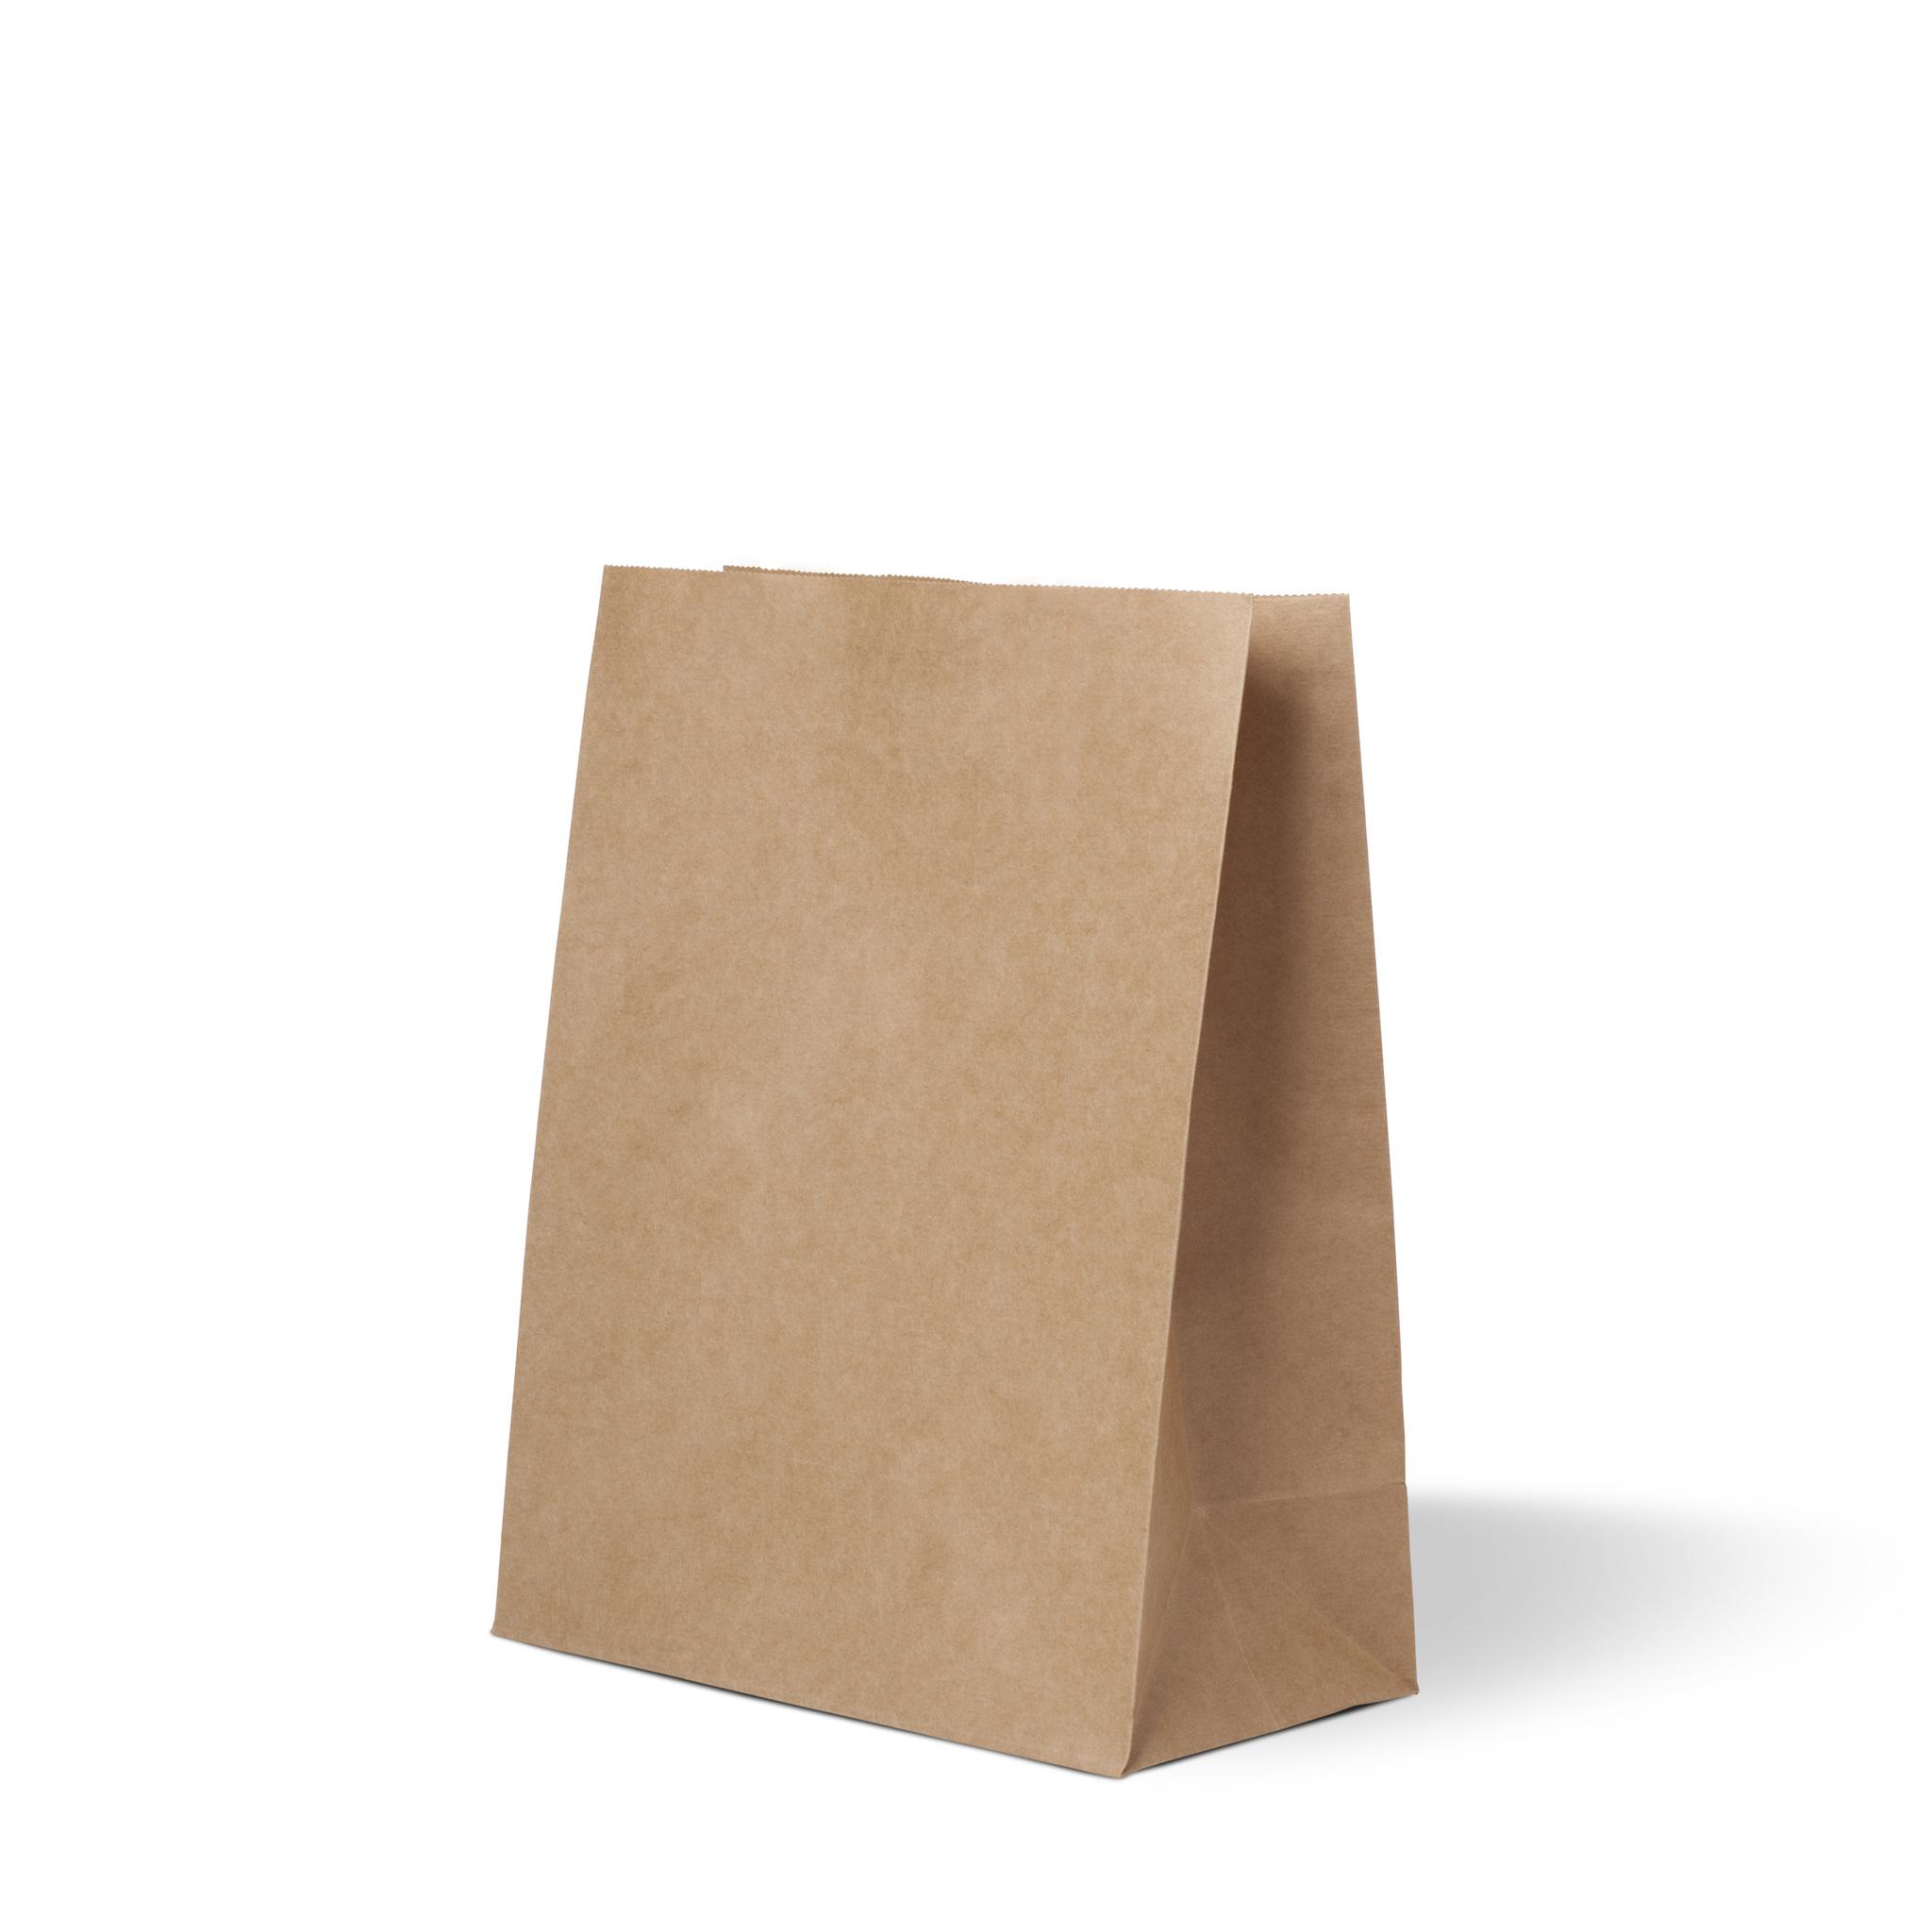 Мешки для мусора Мешок бумажный 100х49,5х13 (3-х сл.), шт